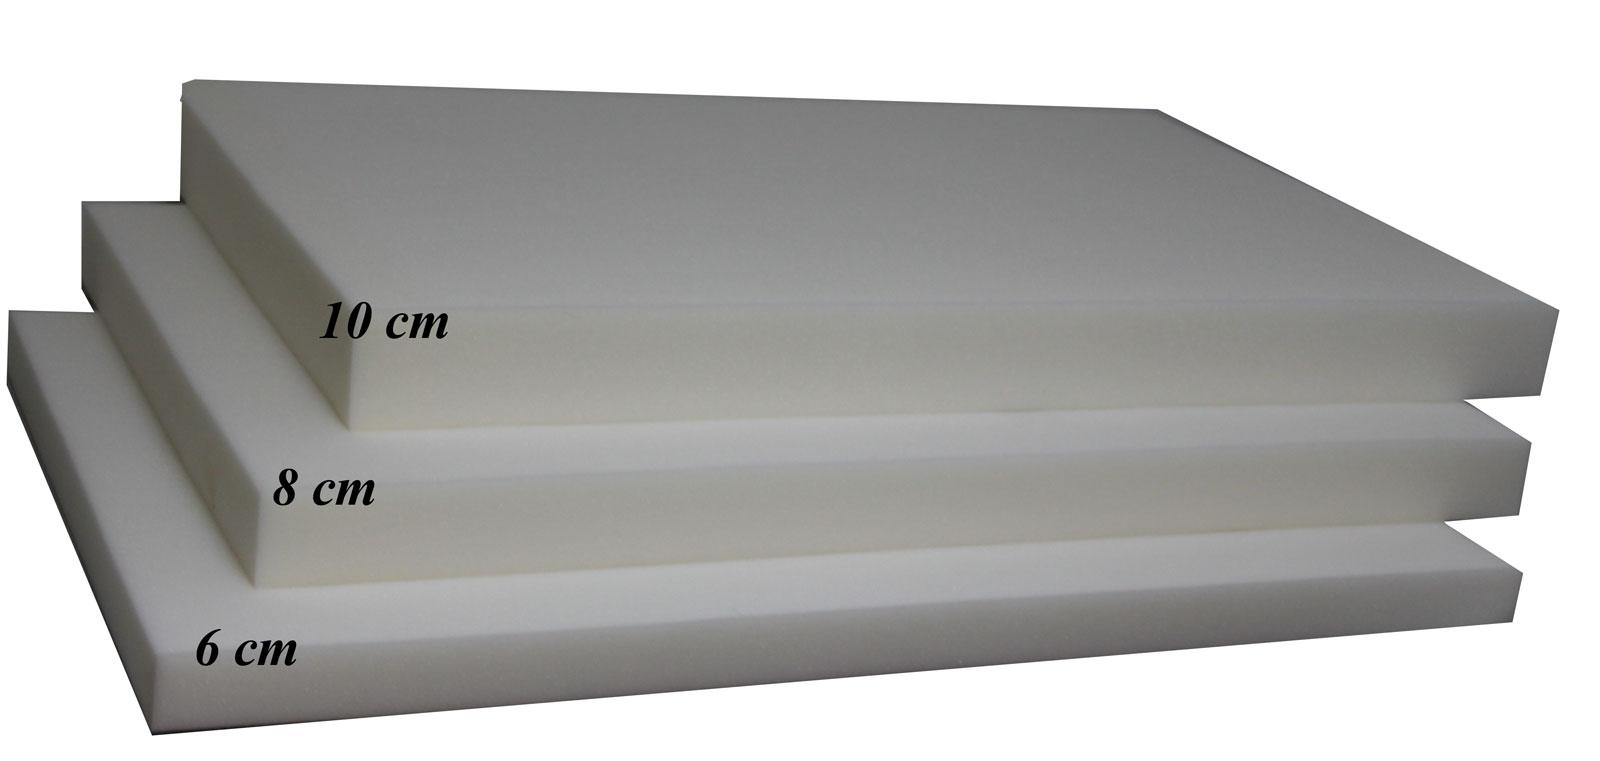 schaumstoff polster polsterschaum schaumstoffplatte f r palette auflage 120 x 80 ebay. Black Bedroom Furniture Sets. Home Design Ideas